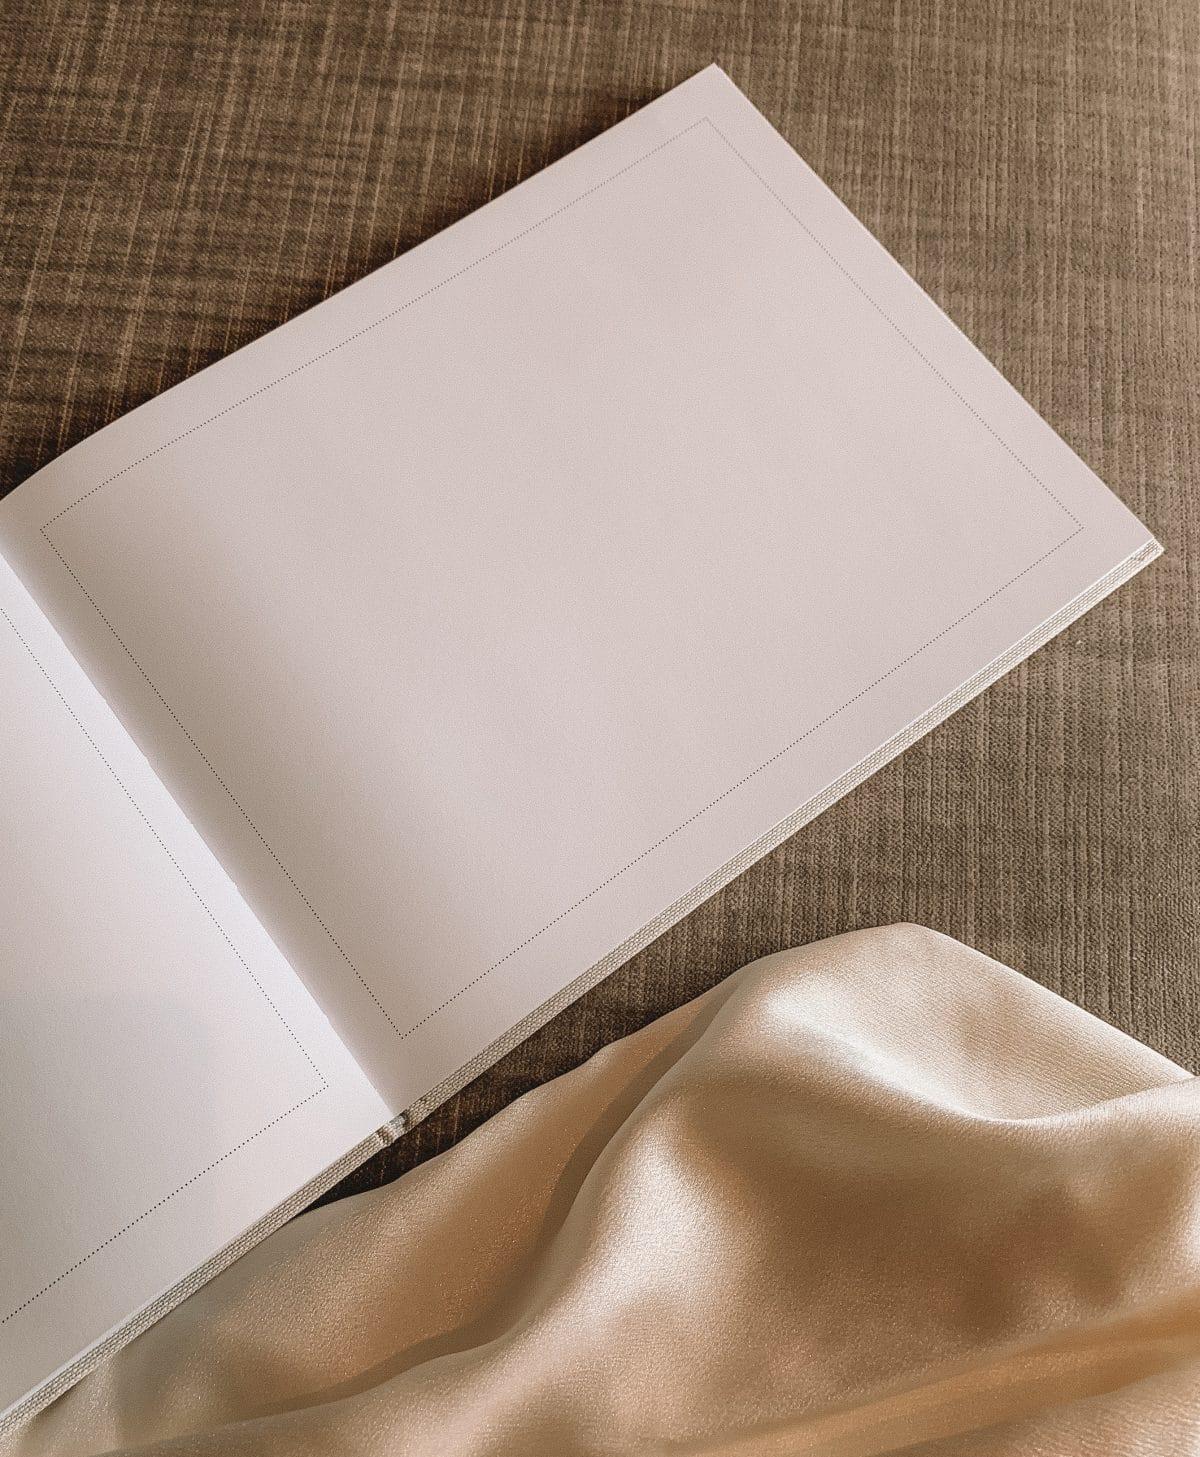 From this day forward – en nydelig gjestebok til bryllup. En bok hvor deres gjester kan skrive fine ord om den spesielle dagen og gi lykkeønskninger for fremtiden.